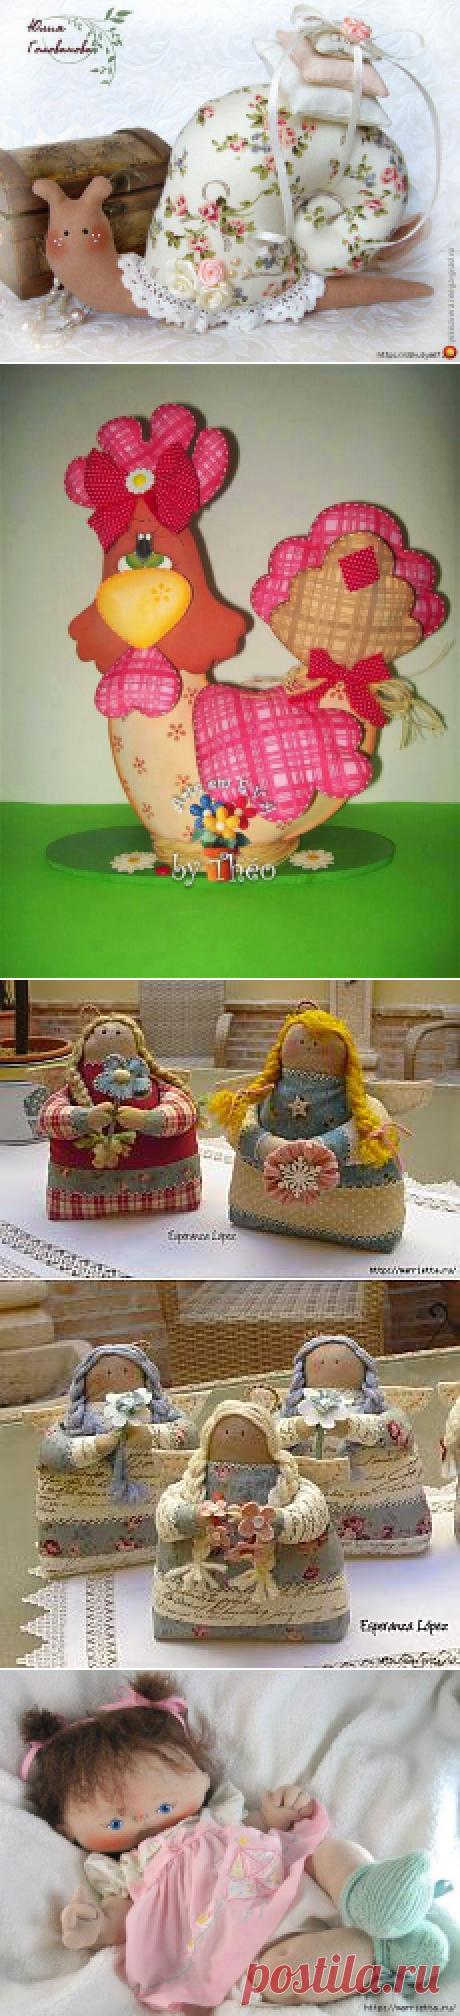 Поиск на Постиле: текстильная игрушка